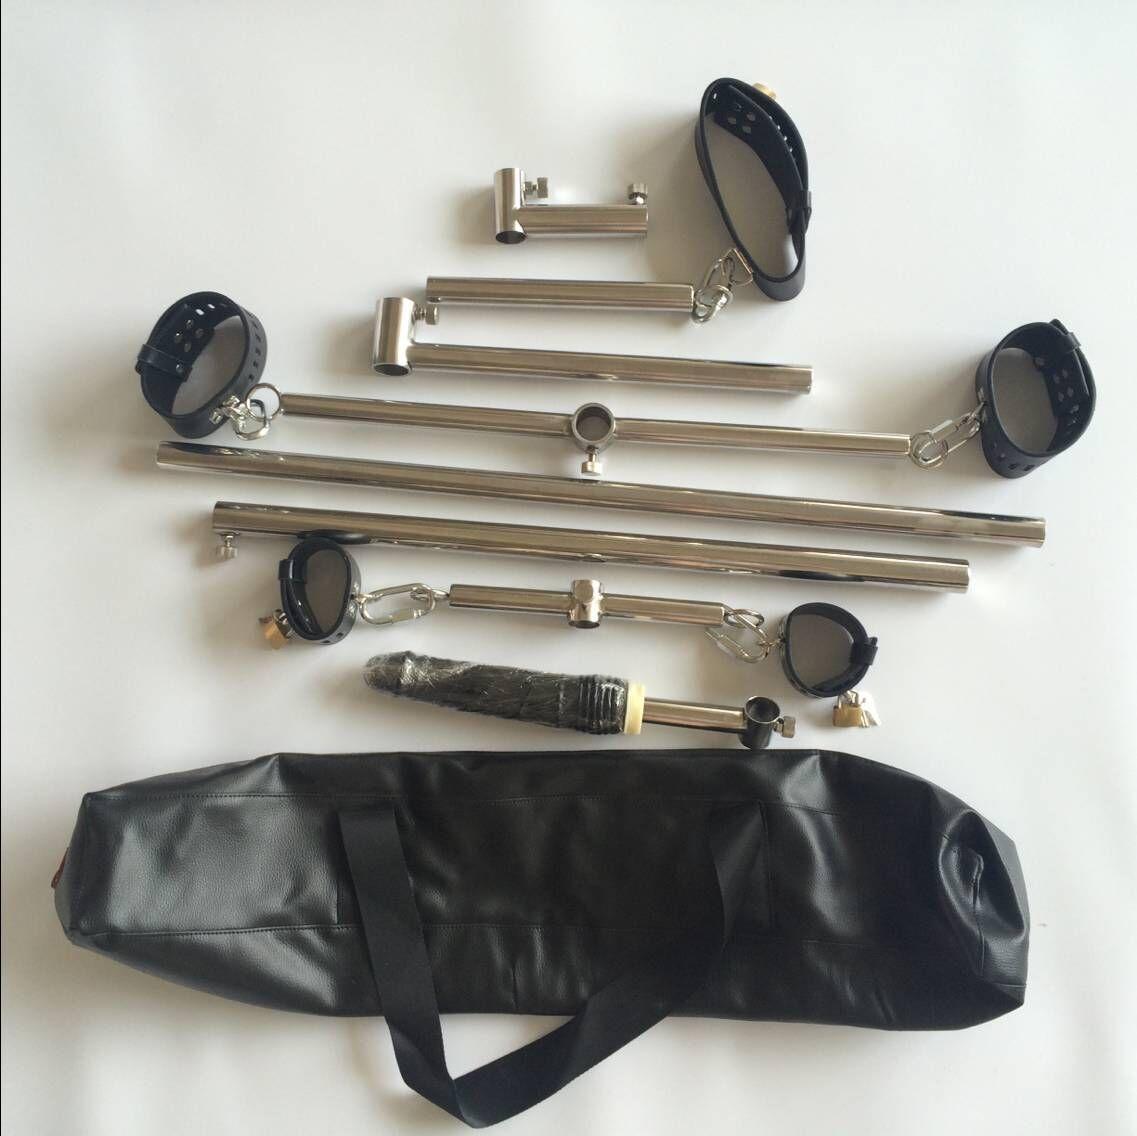 스테인레스 스틸 본디지 프레임 개 노예 장치 수갑 족쇄 + 발목 팔목 + Collor 속박 억제 남성 / 여성을위한 섹스 제품